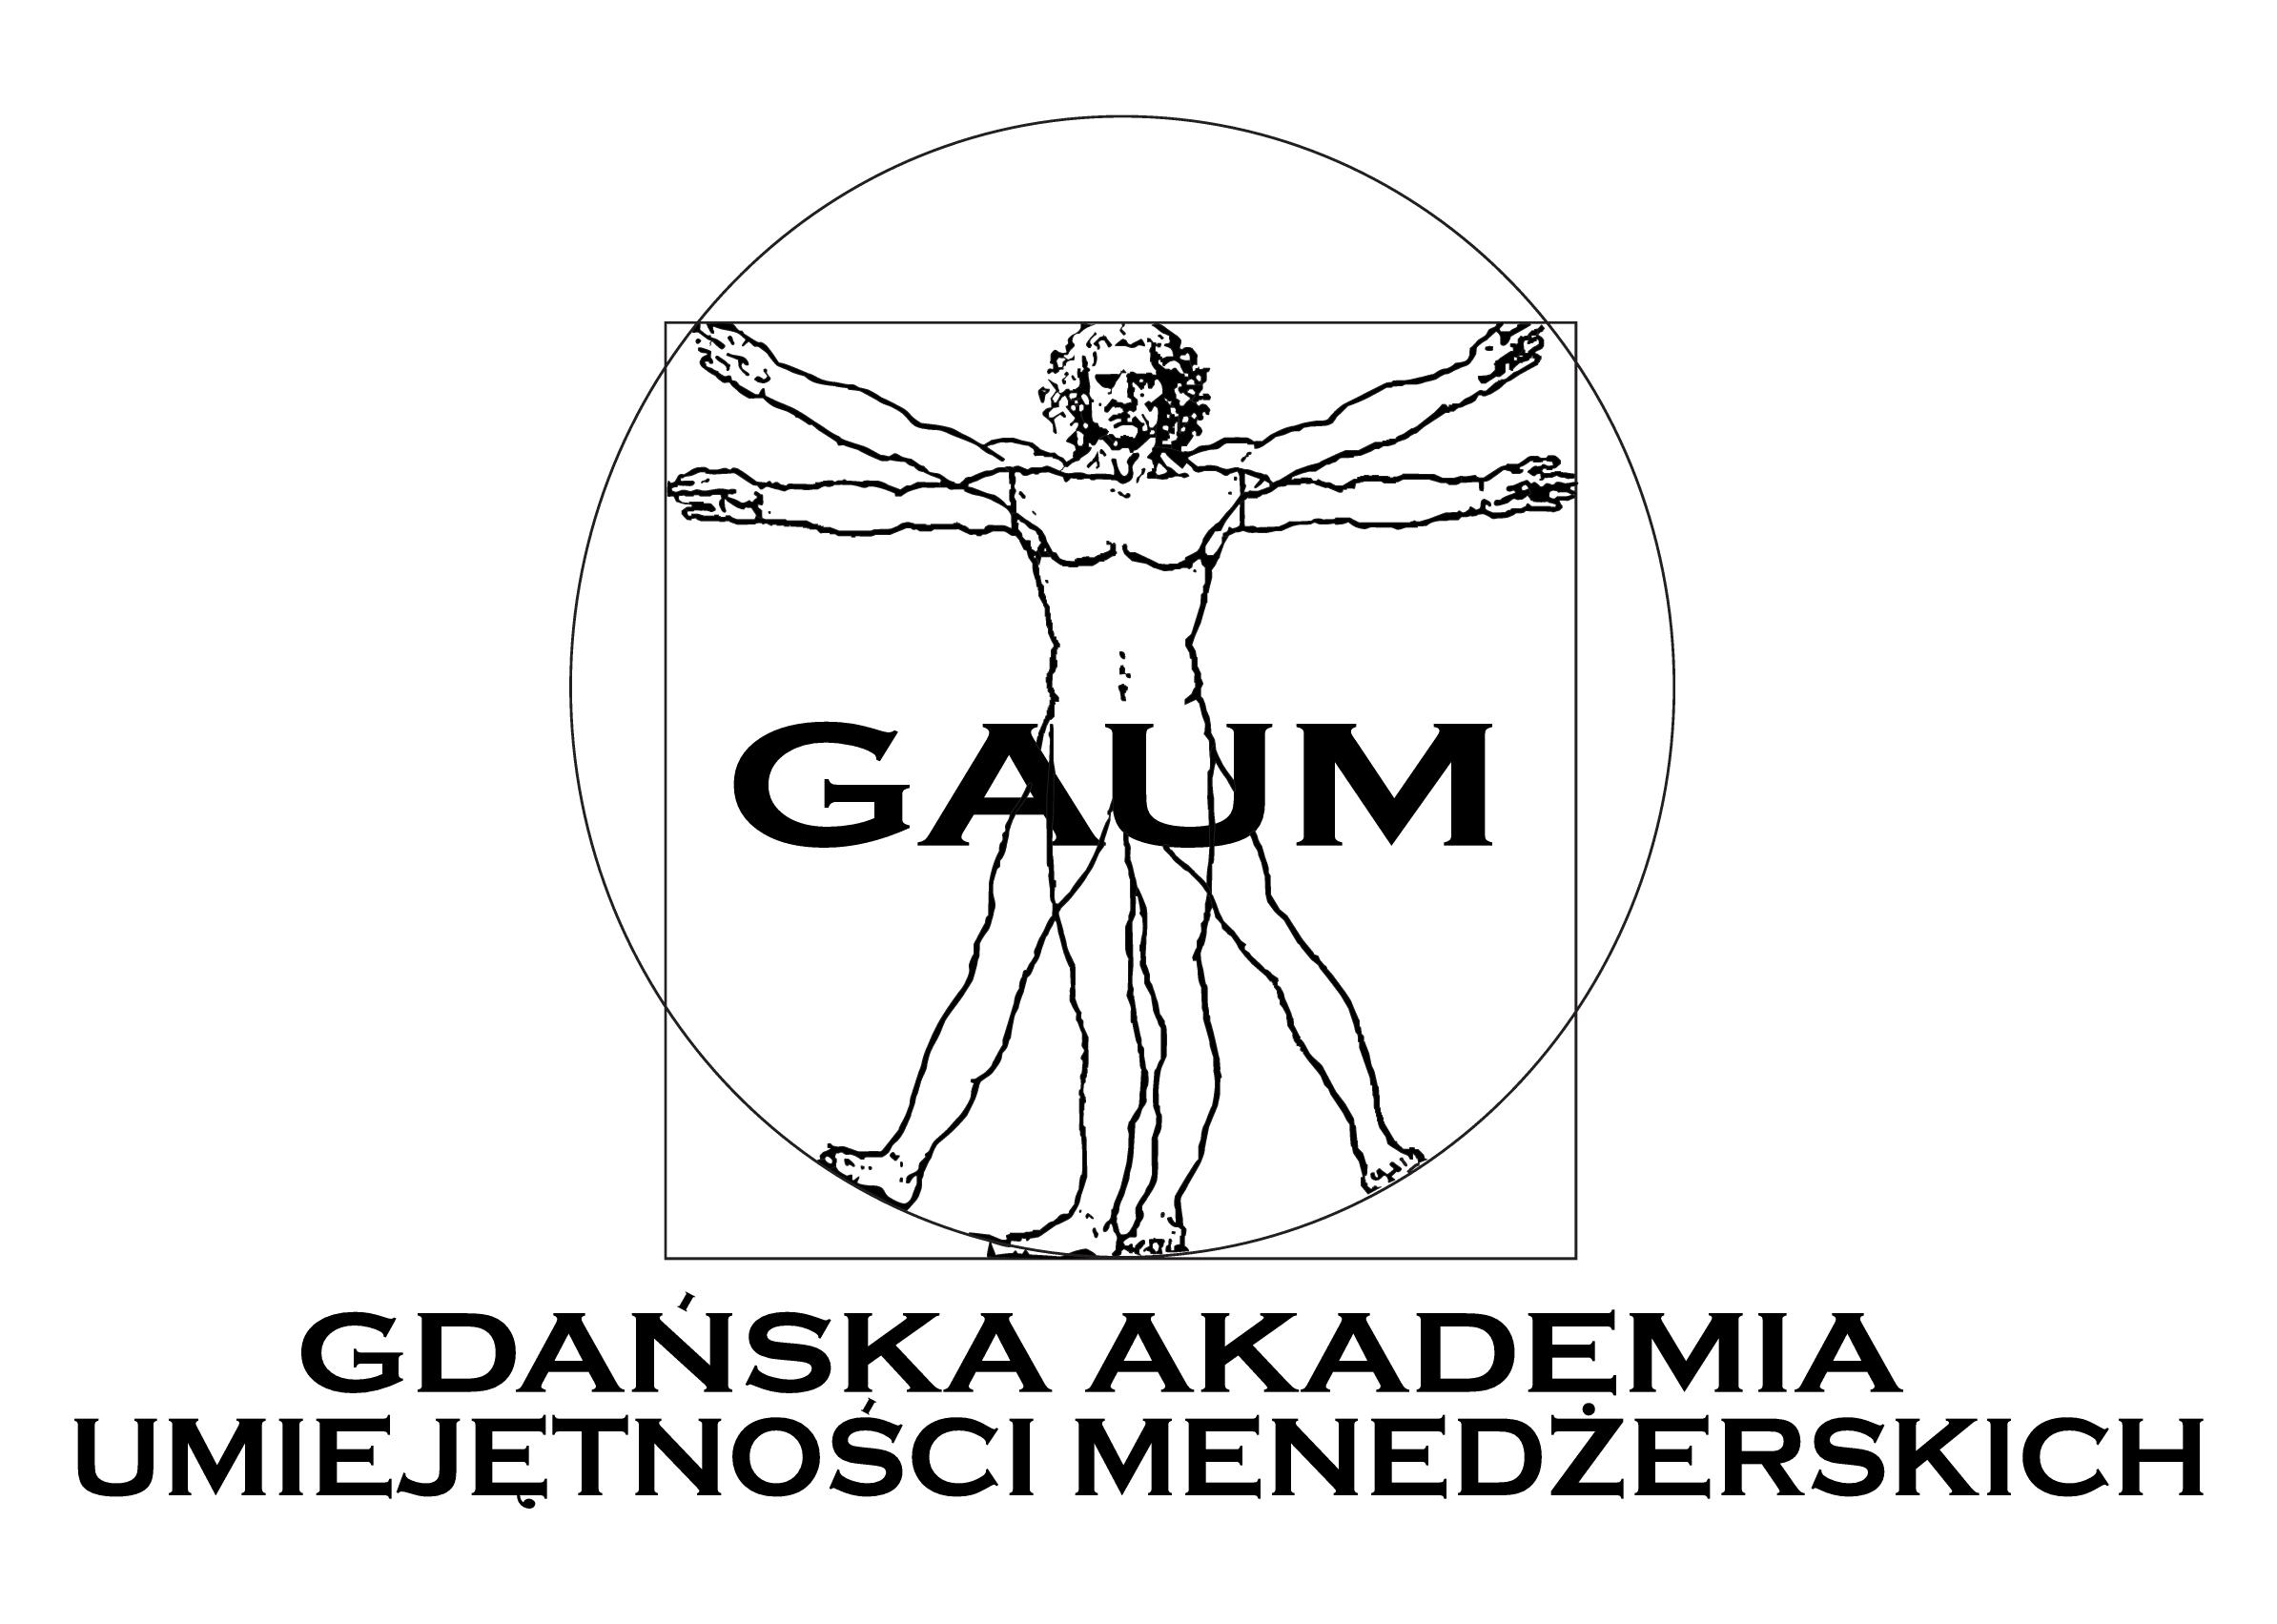 gaum_logo_krzywe_ok-1